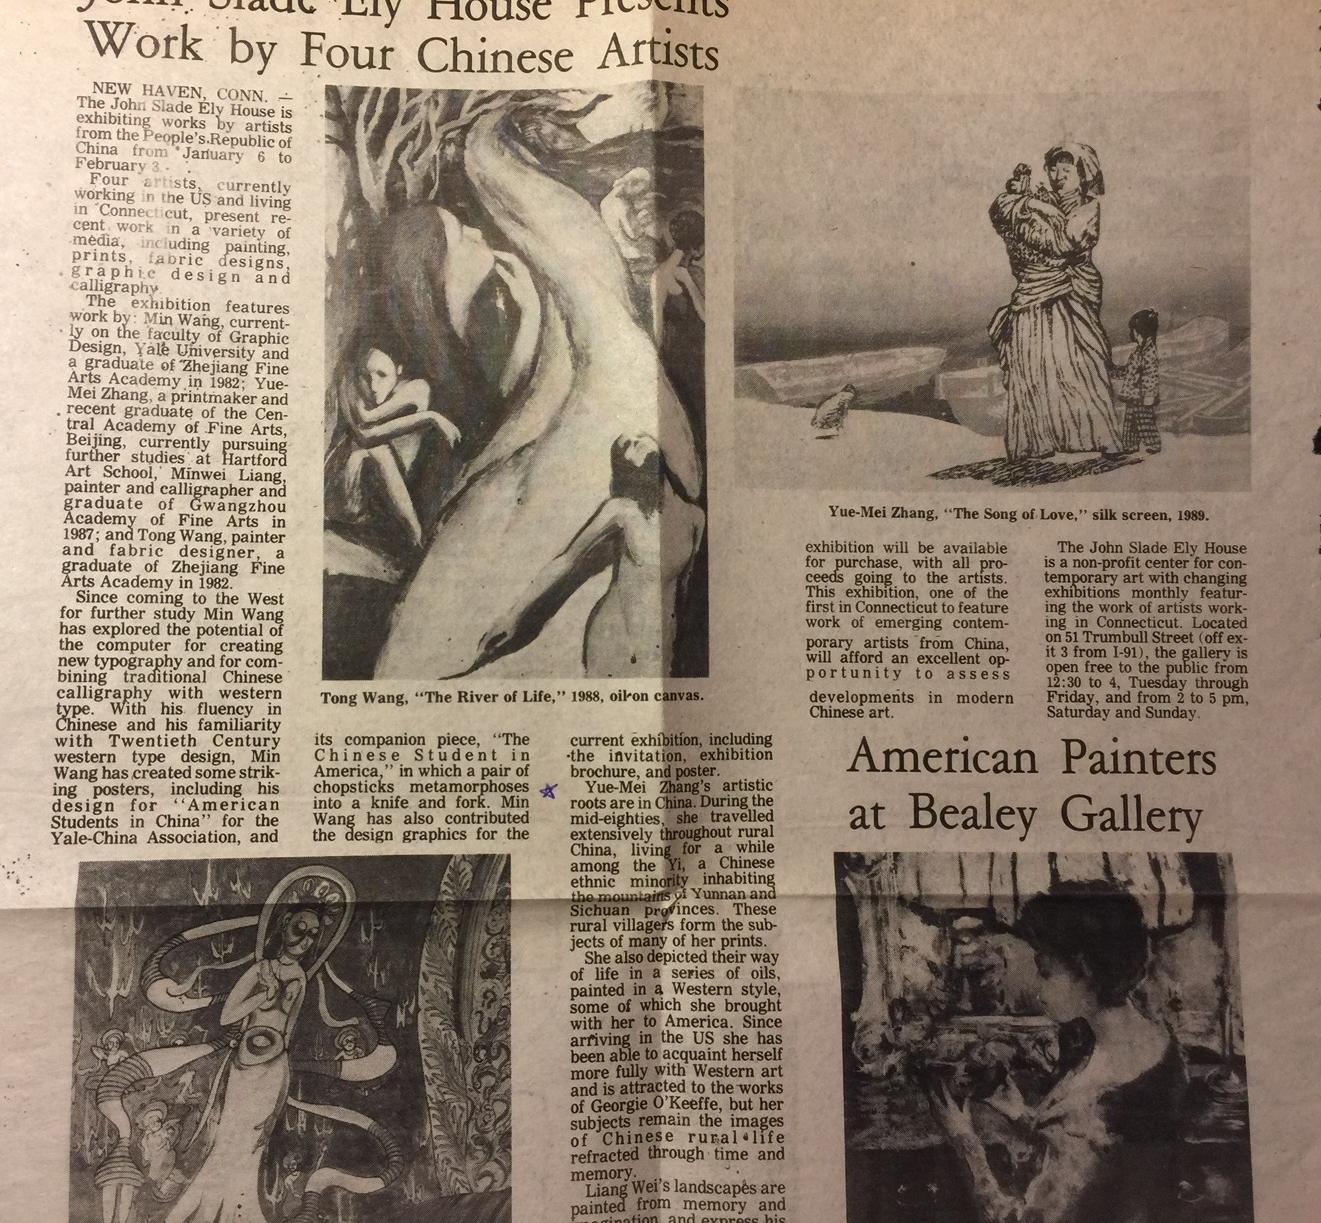 News paper review John Slade.jpg